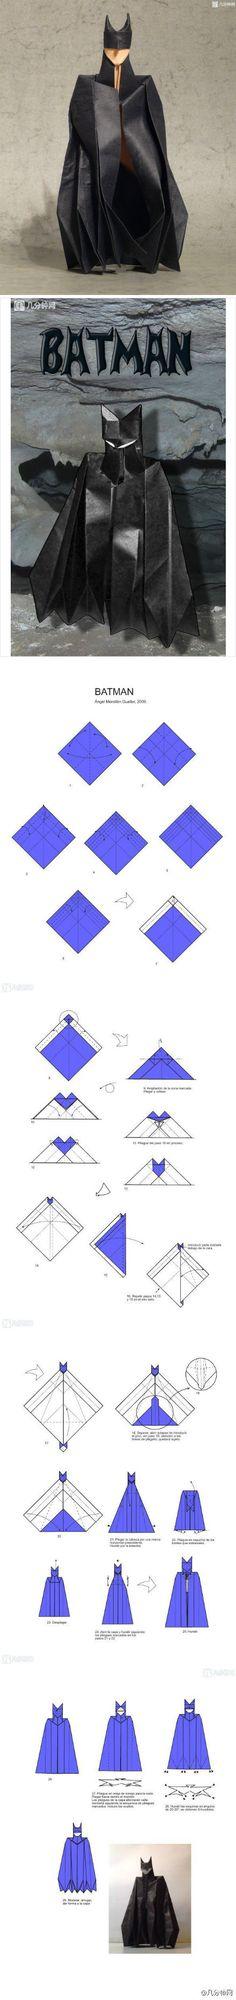 Origami Batman                                                                                                                                                      Más